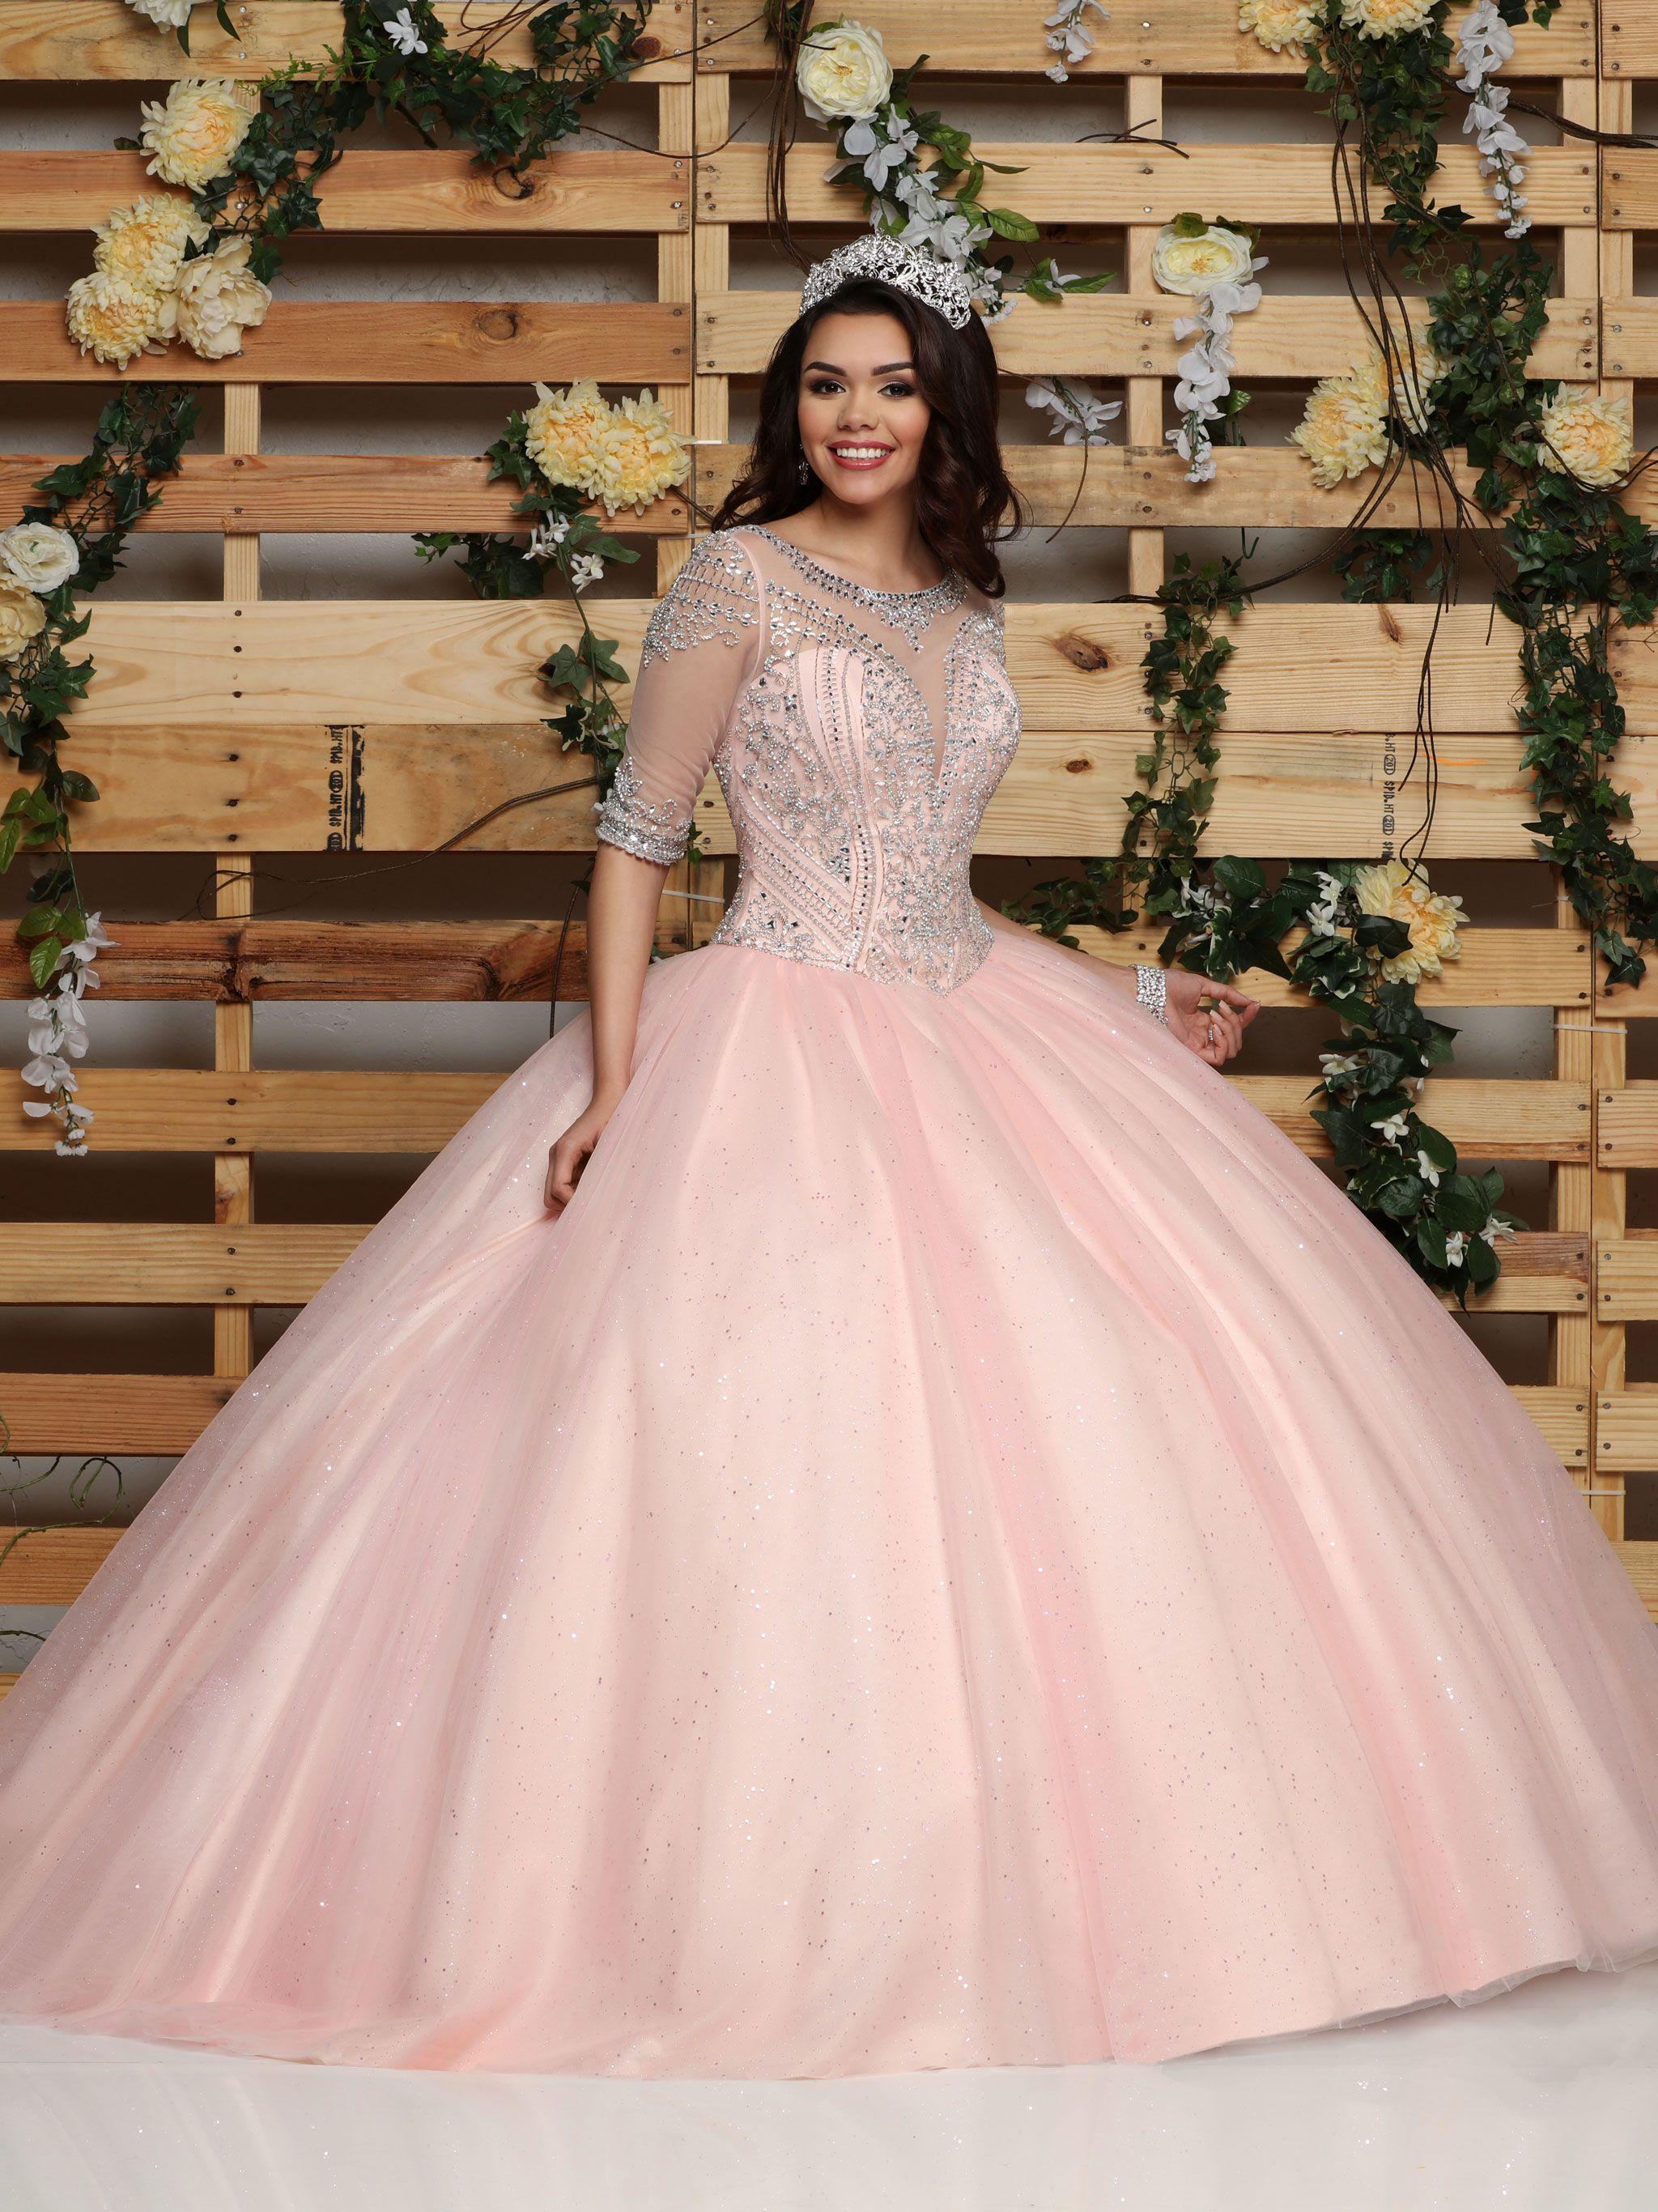 Bonito Prom Talla De Ropa 2 Elaboración - Colección del Vestido de ...